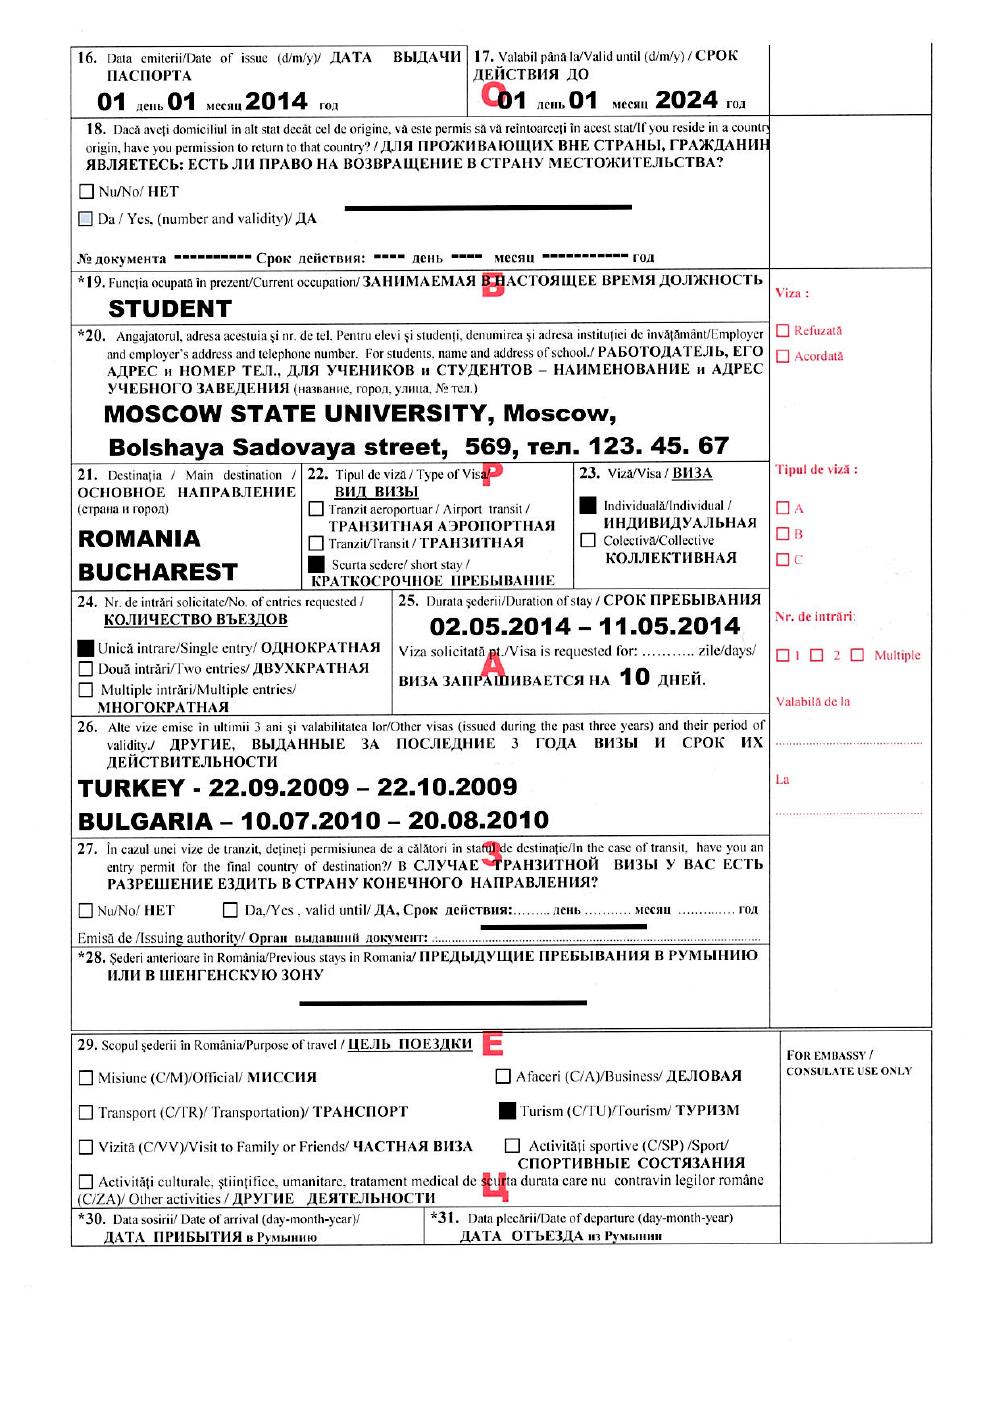 Образец заполненной анкеты на визу в Румынию, стр. 2